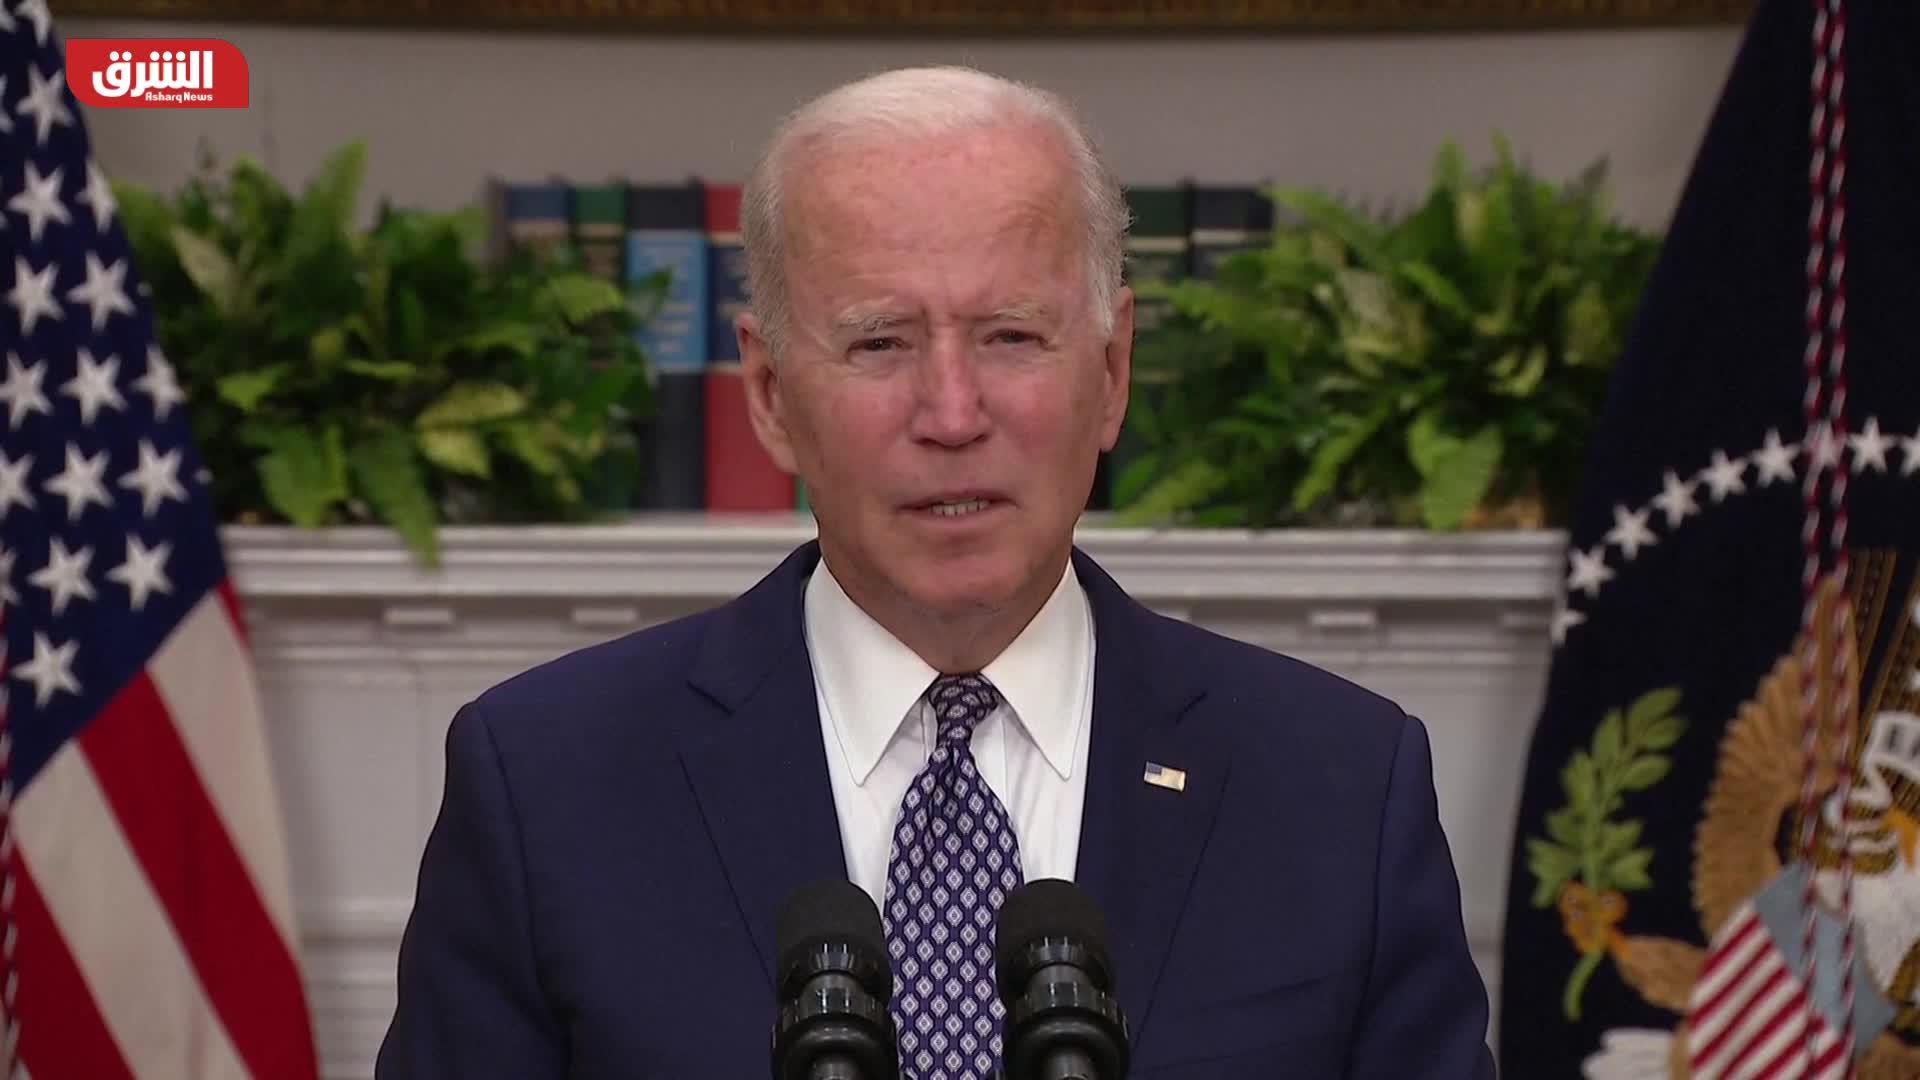 كلمة للرئيس الأميركي جو بايدن حول الموازنة الأميركية وأفغانستان